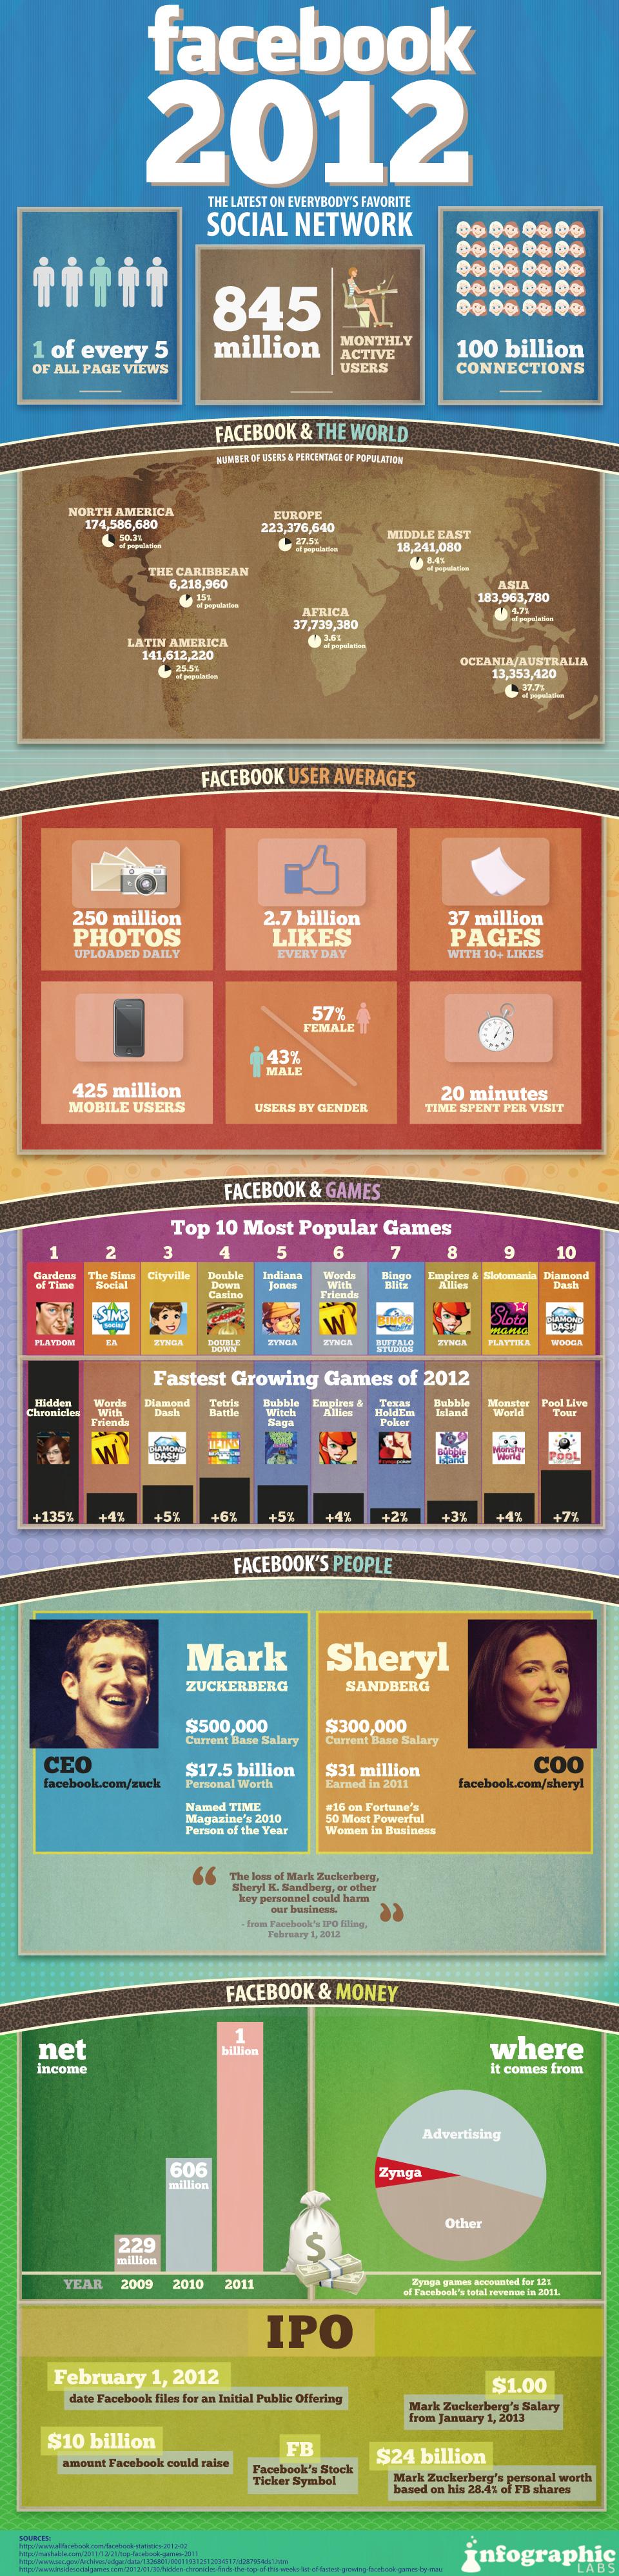 Les dernière statistiques de Facebook en image [infographie]